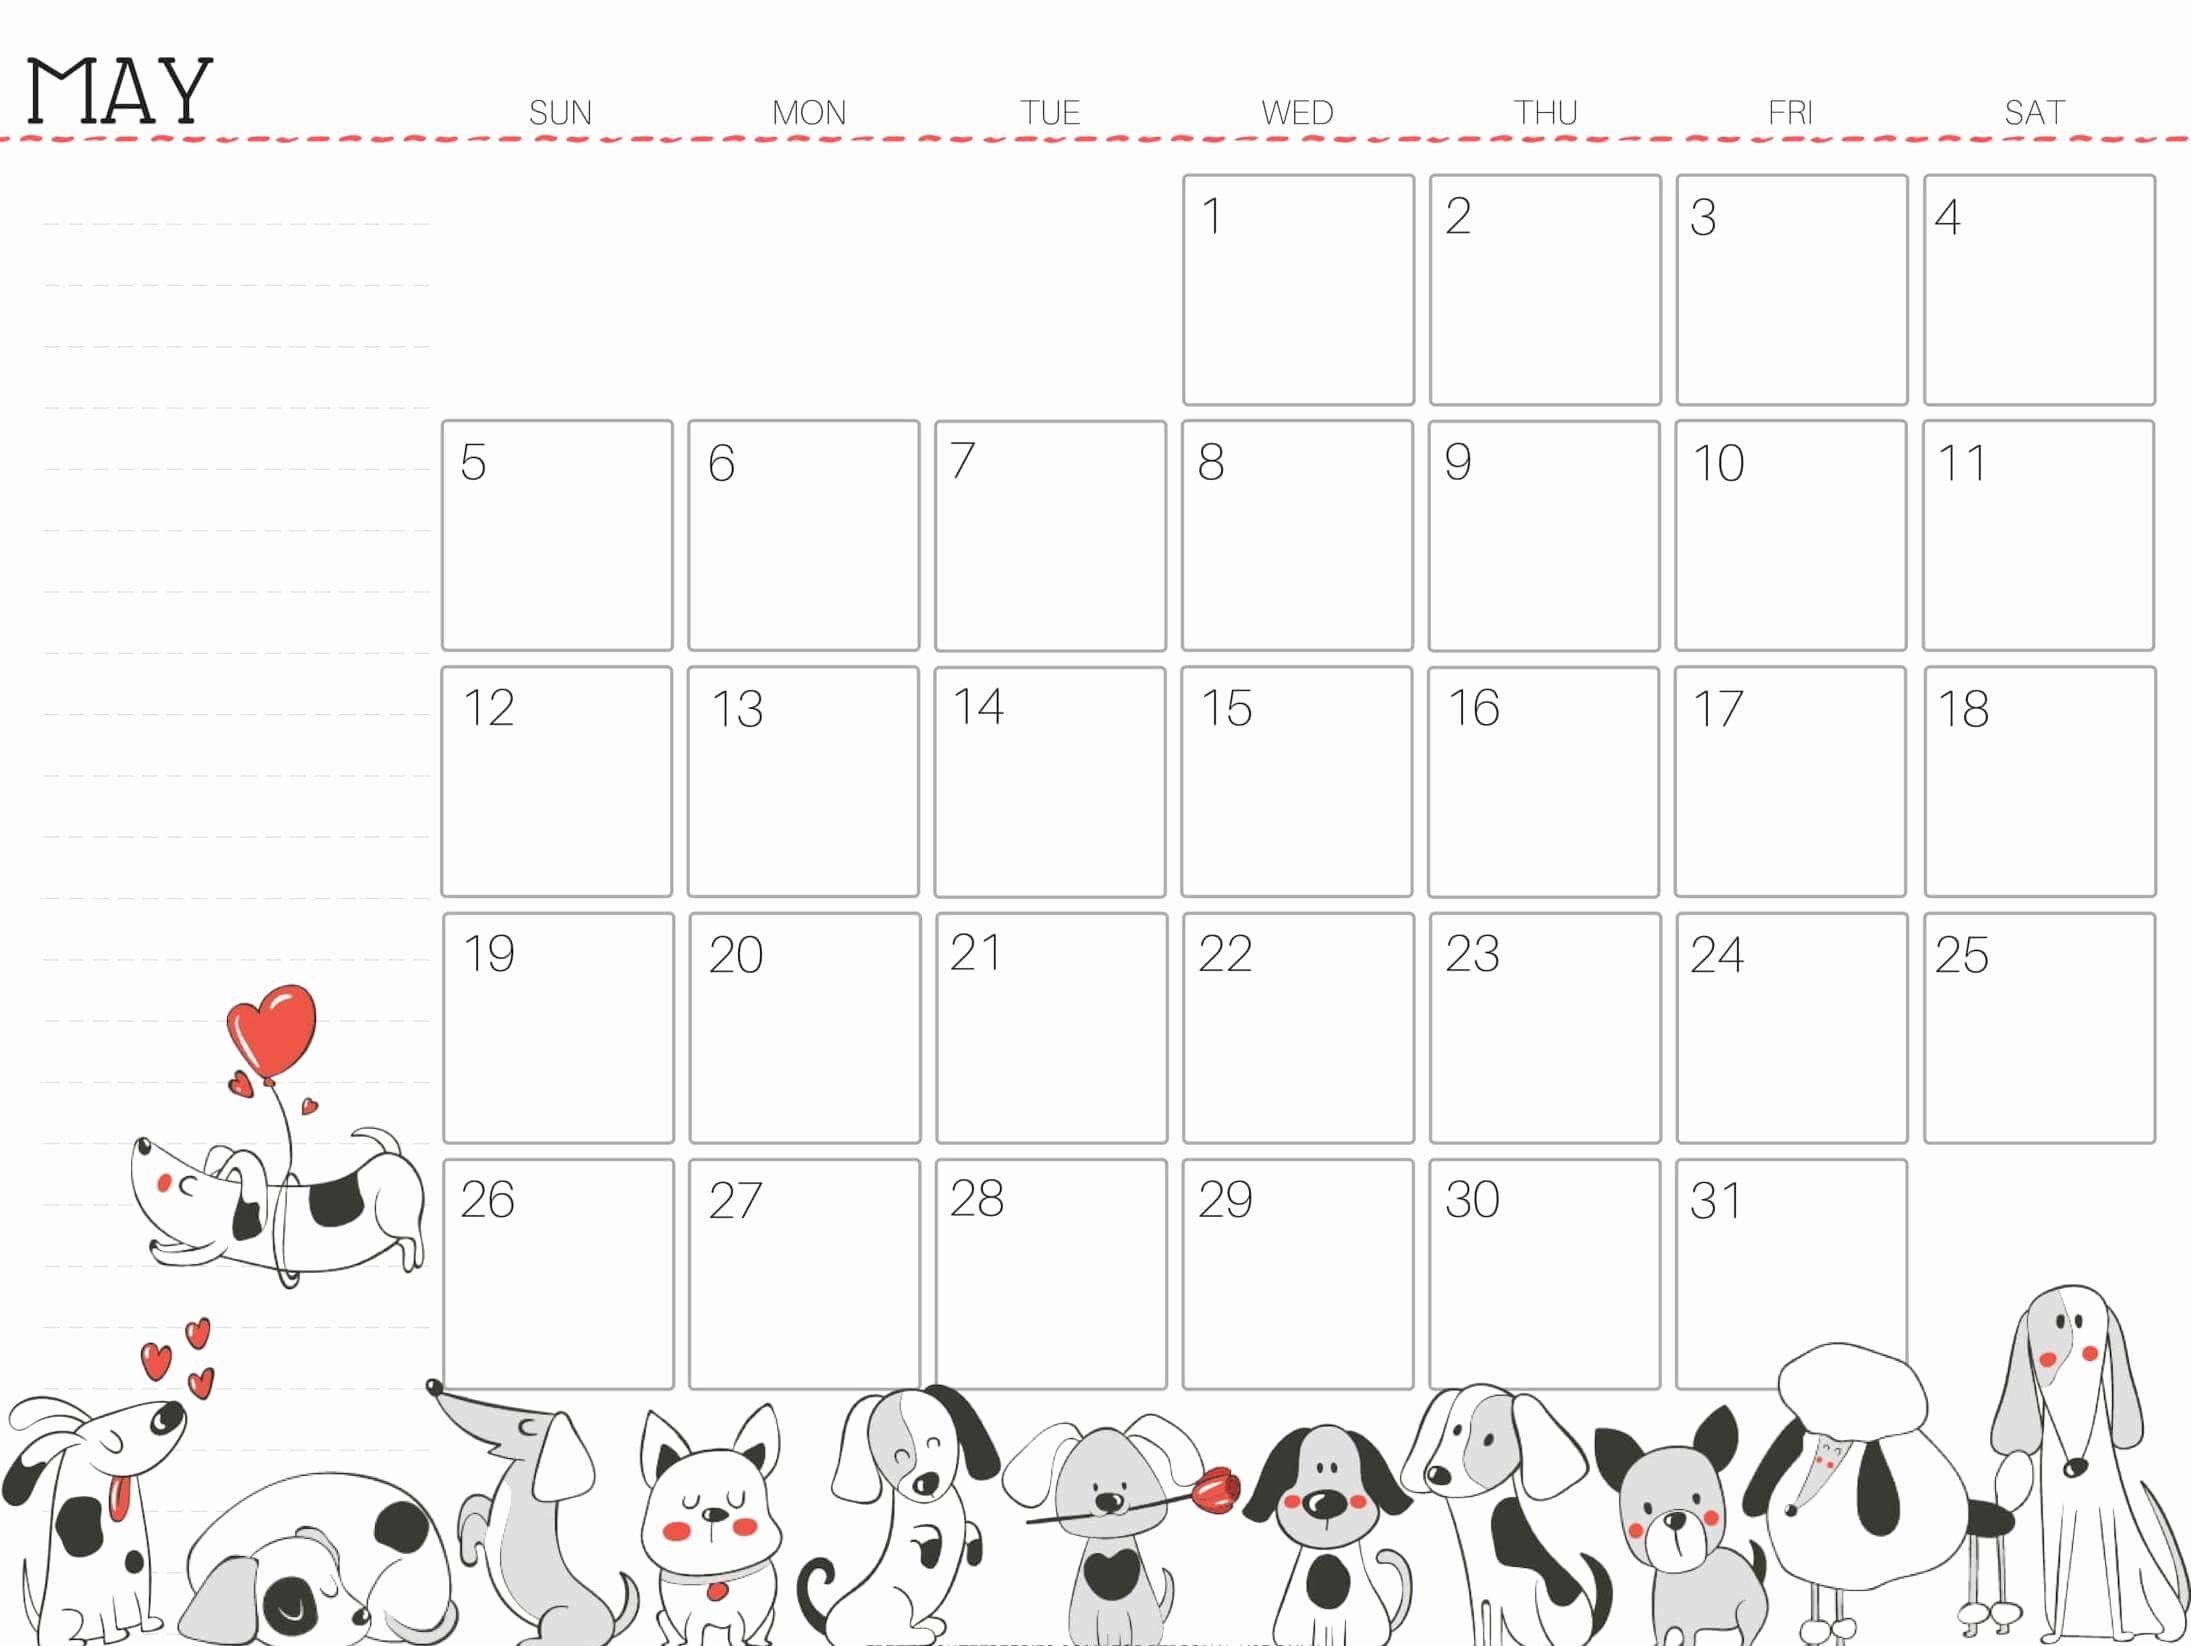 Cute Calendar Template 2019 Elegant Cute May 2019 Calendar Printable for Kids